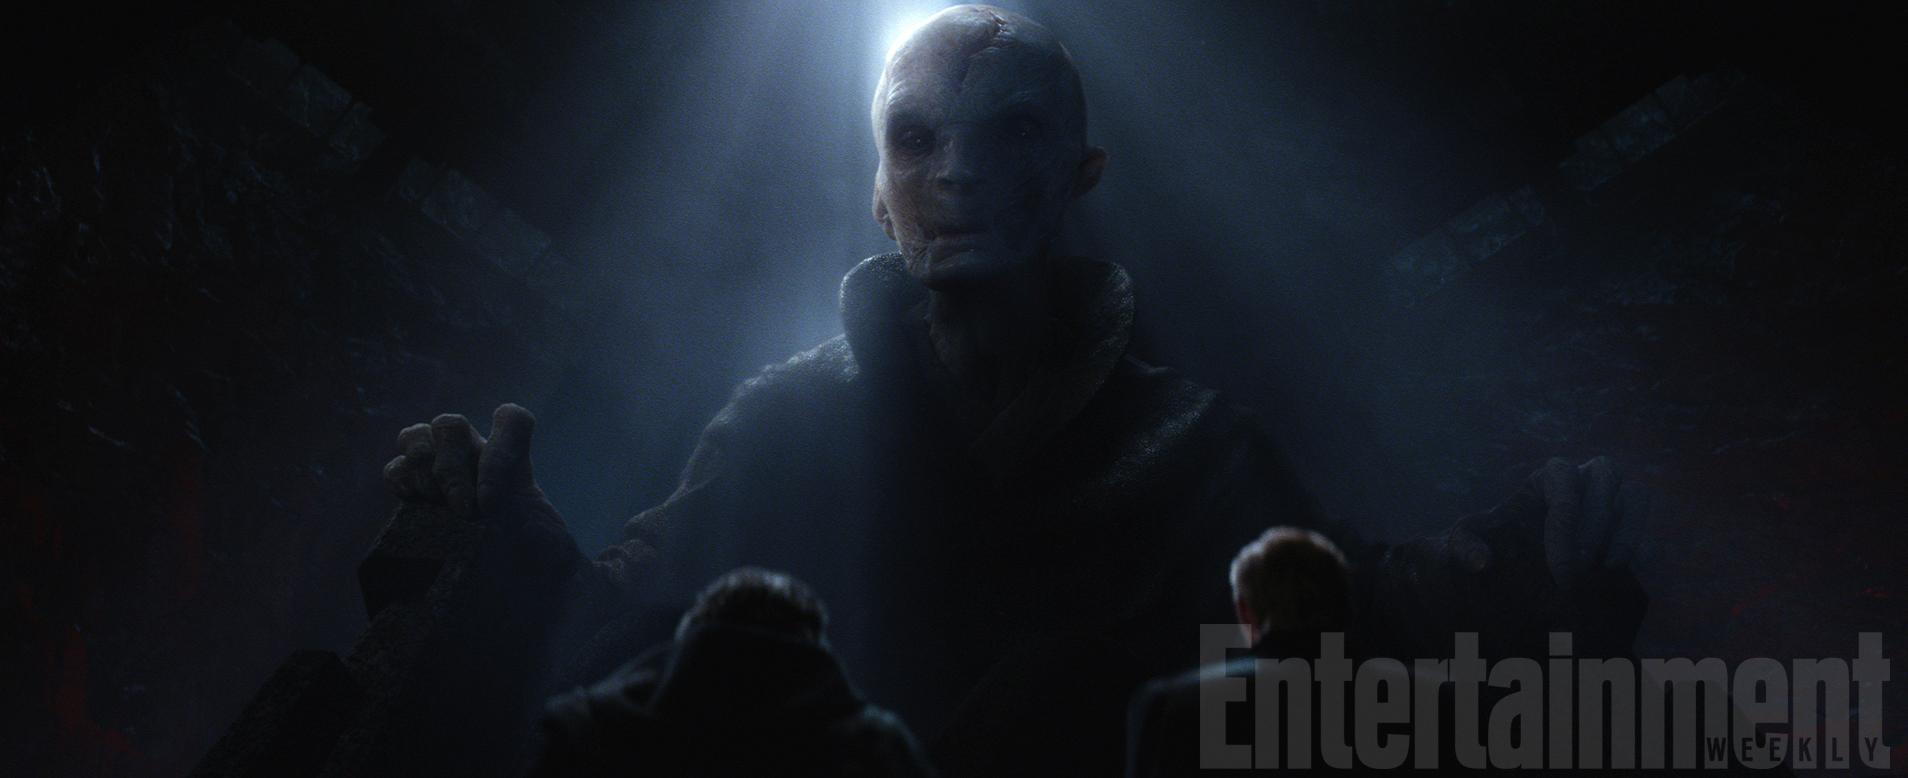 star-wars-force-awakens-supreme-leader-snoke-official-photo-3